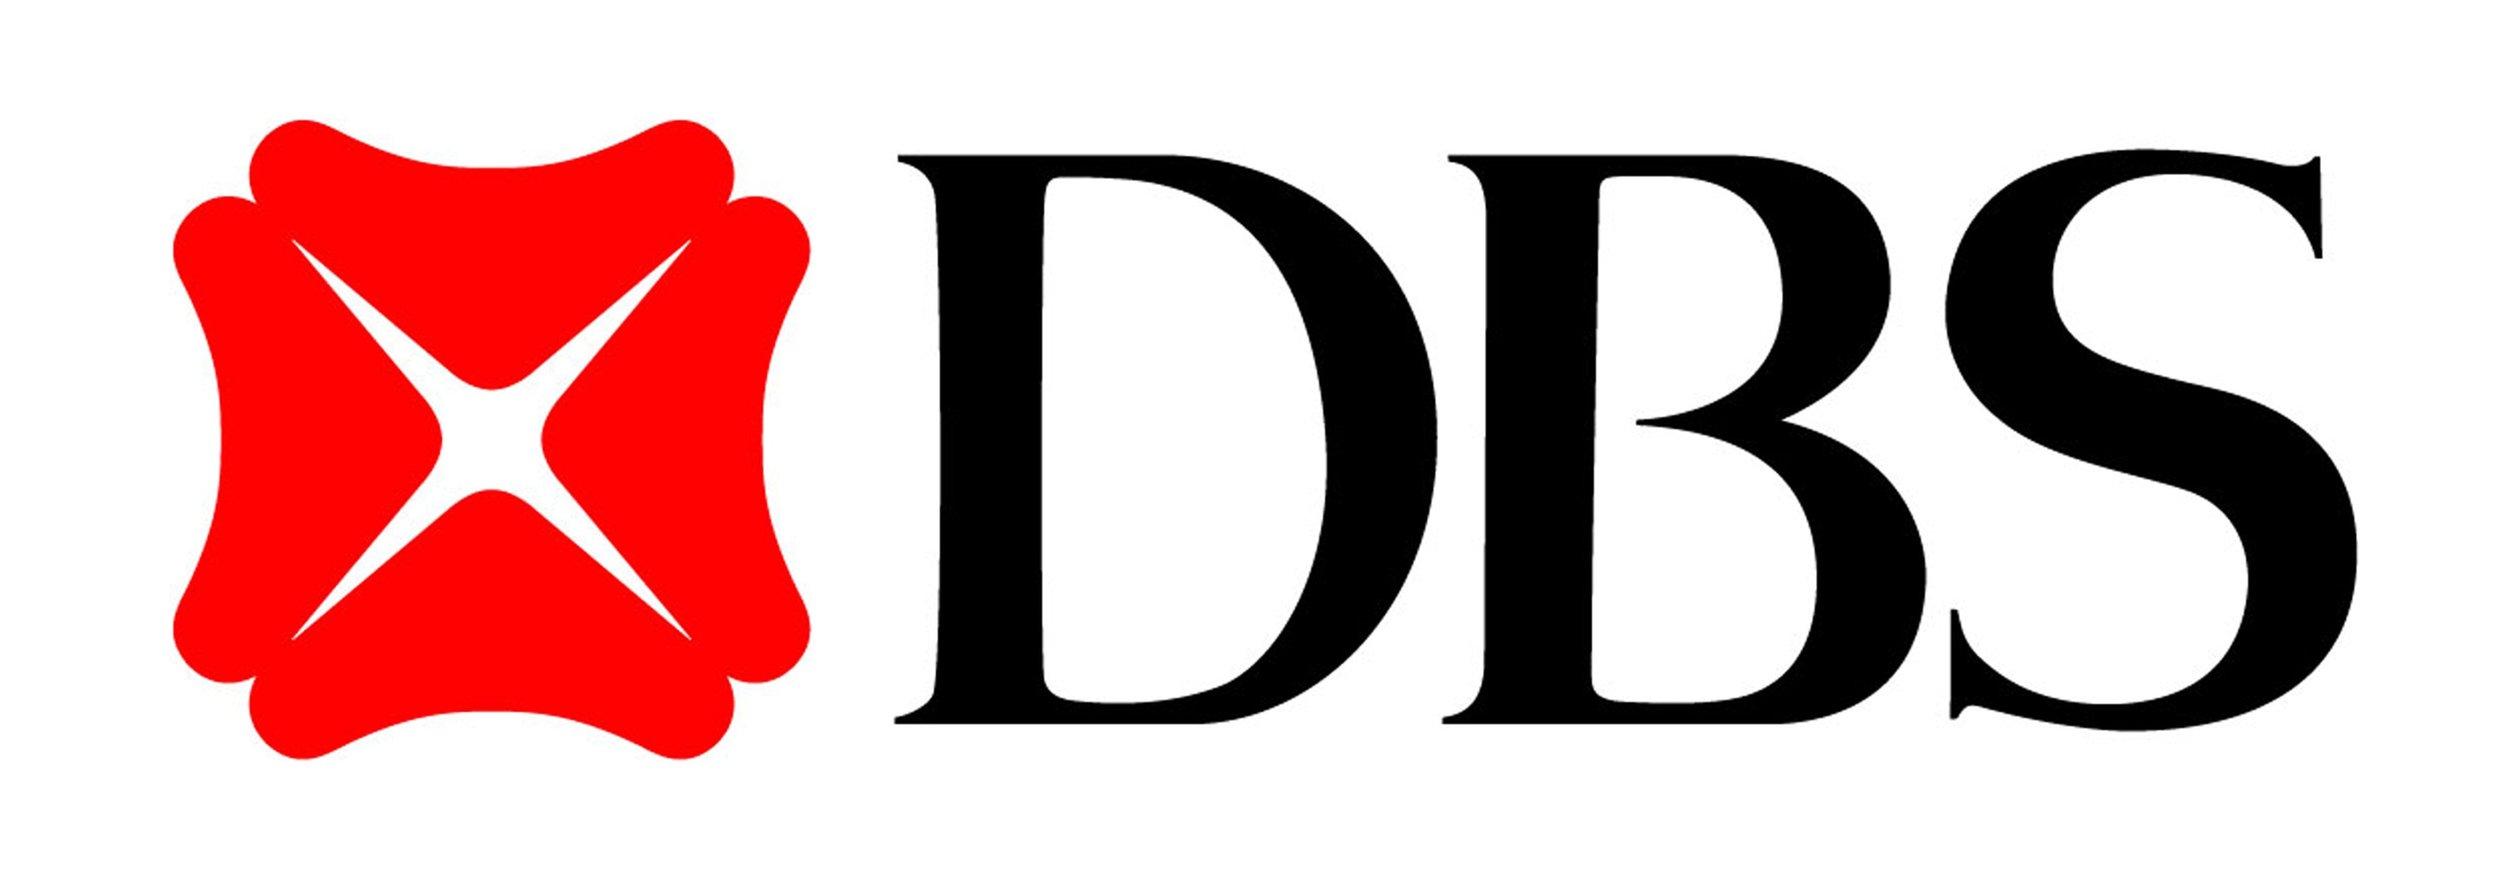 dbs-bank-logo.jpg